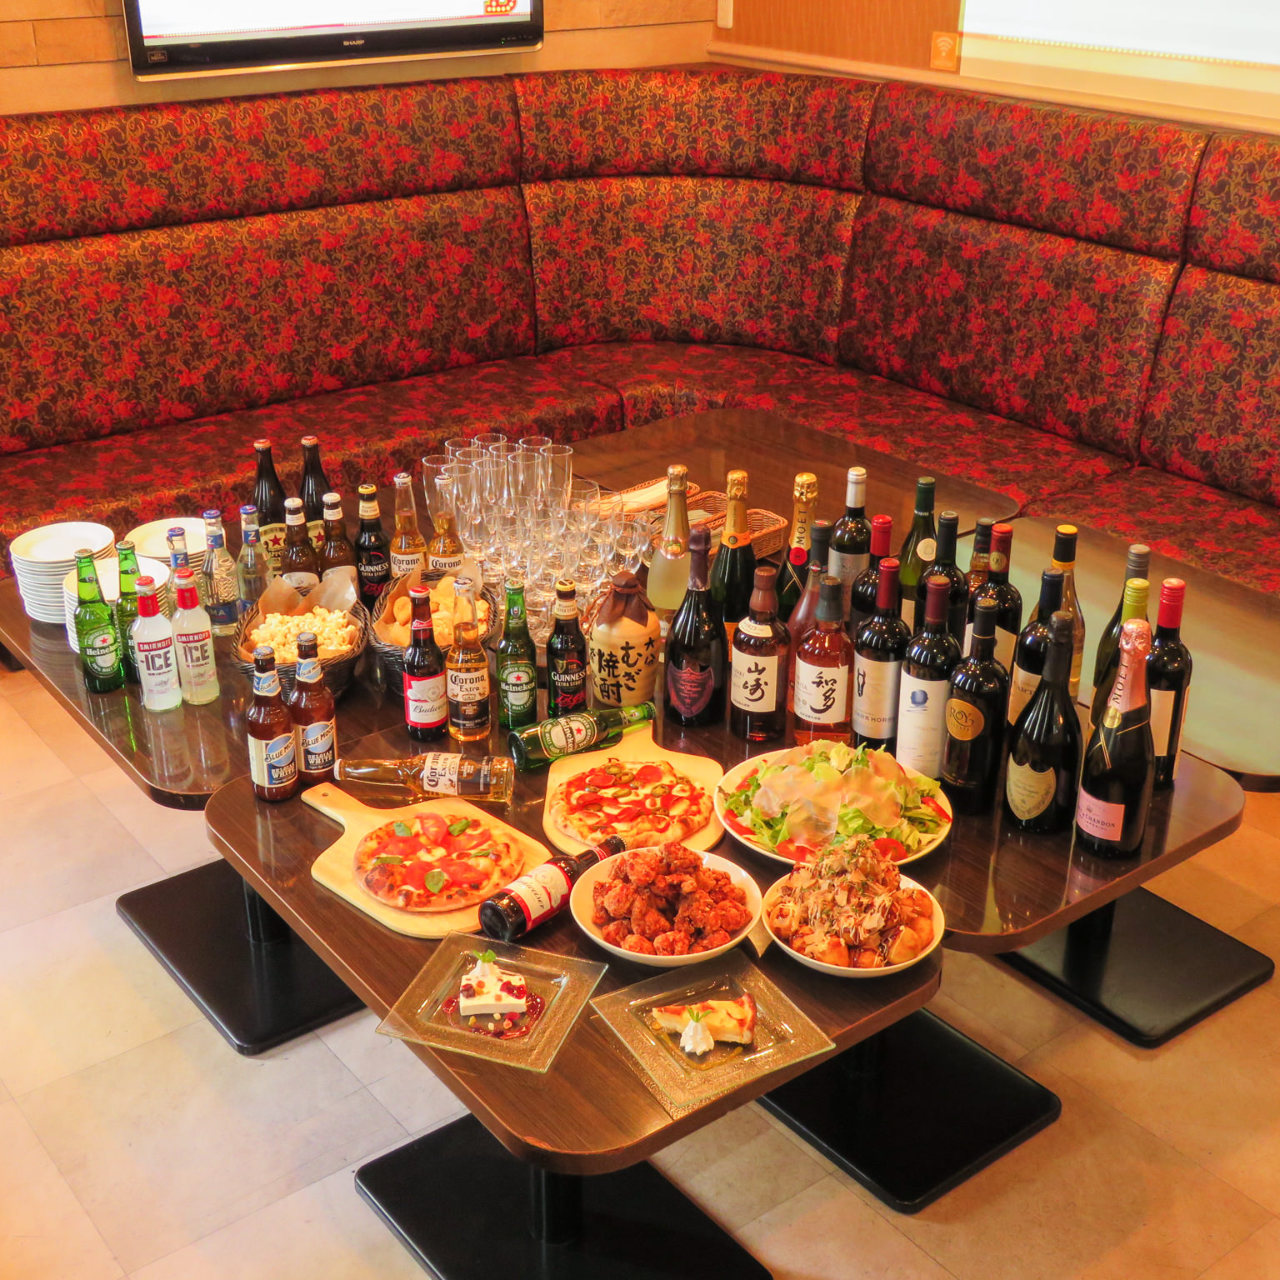 【1日3組限定!】食べ放題プレミアム!本格ピザやパスタ全35品の食べ飲み放題コース♪